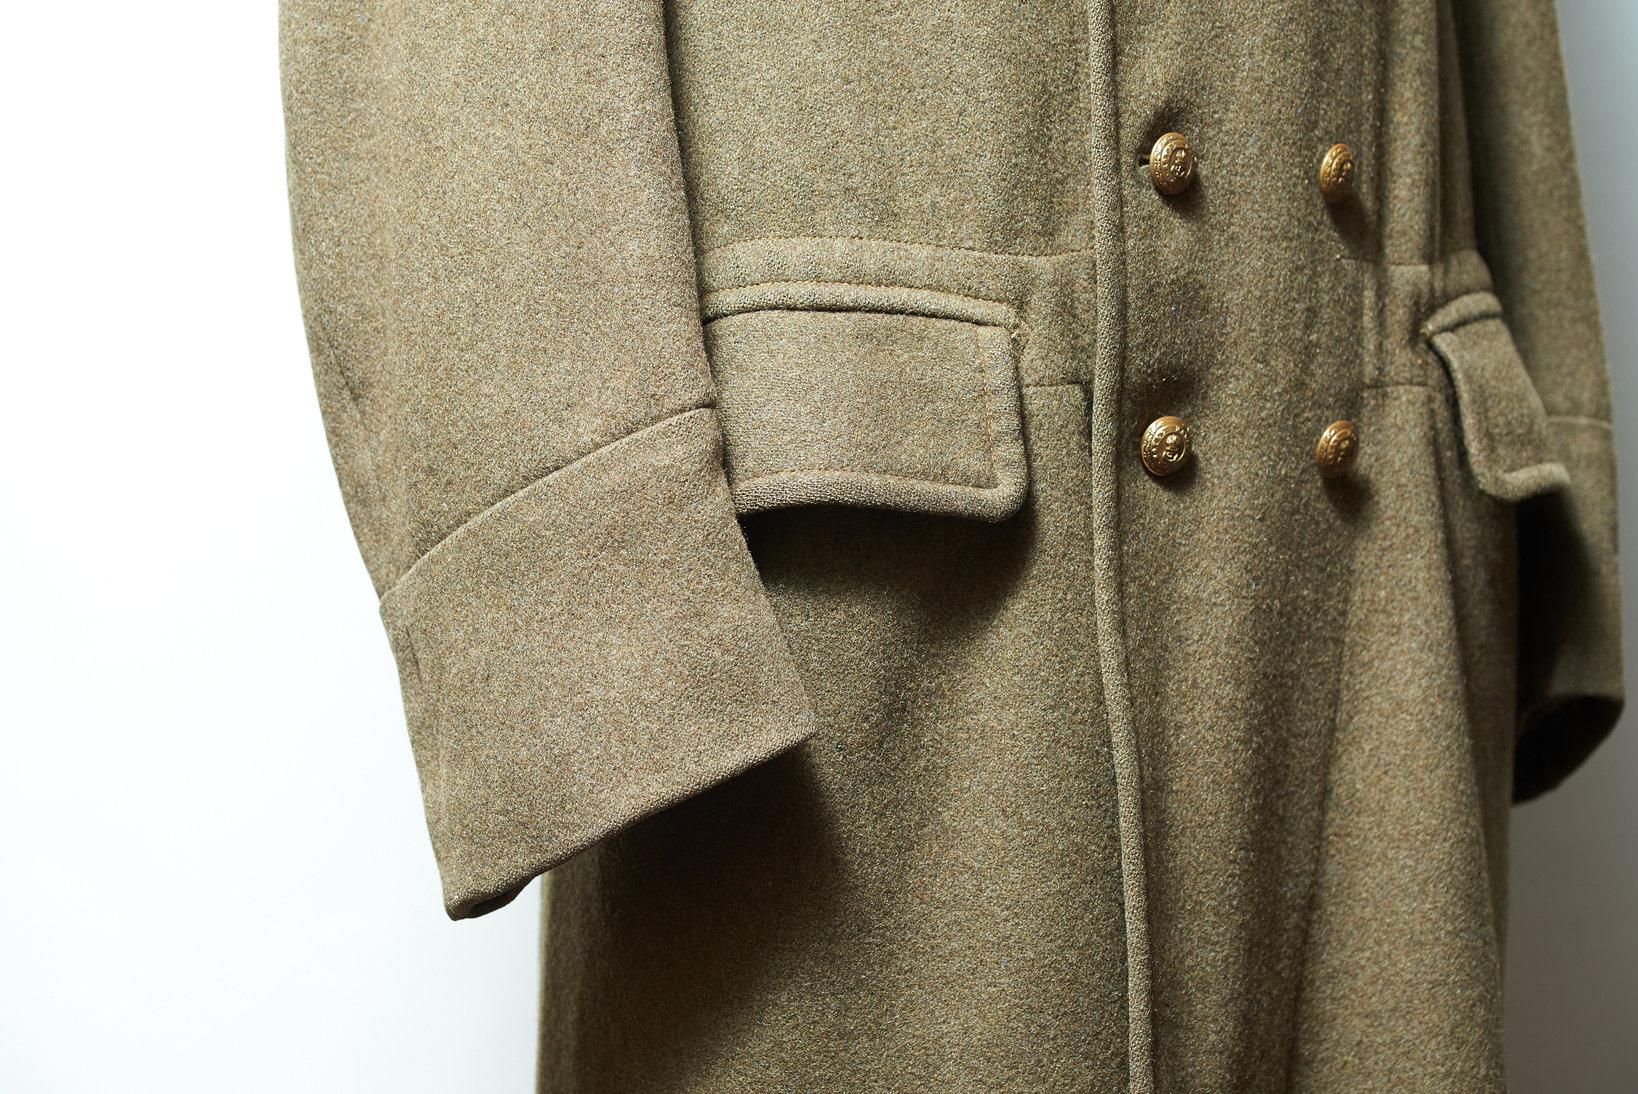 このコートの袖裾は切り返し仕様だが、防寒性を高めるべく折り返しの仕様を採用する場合も多い。